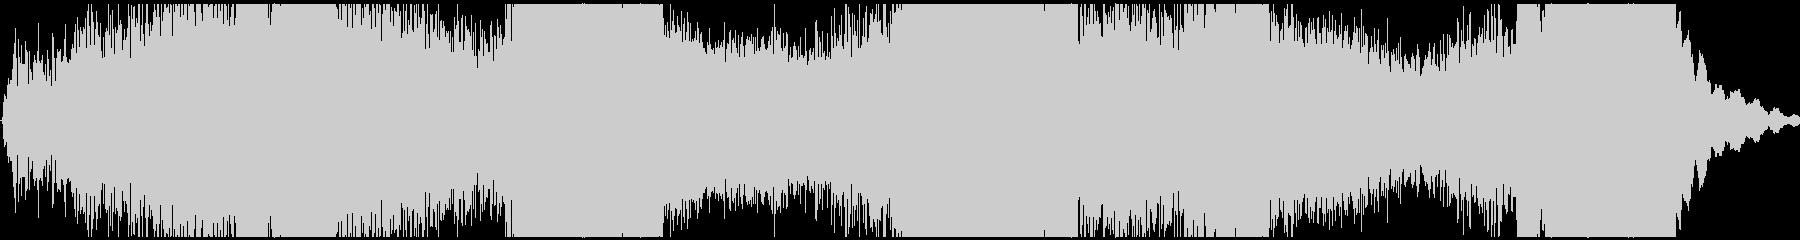 ドローン 腸01の未再生の波形